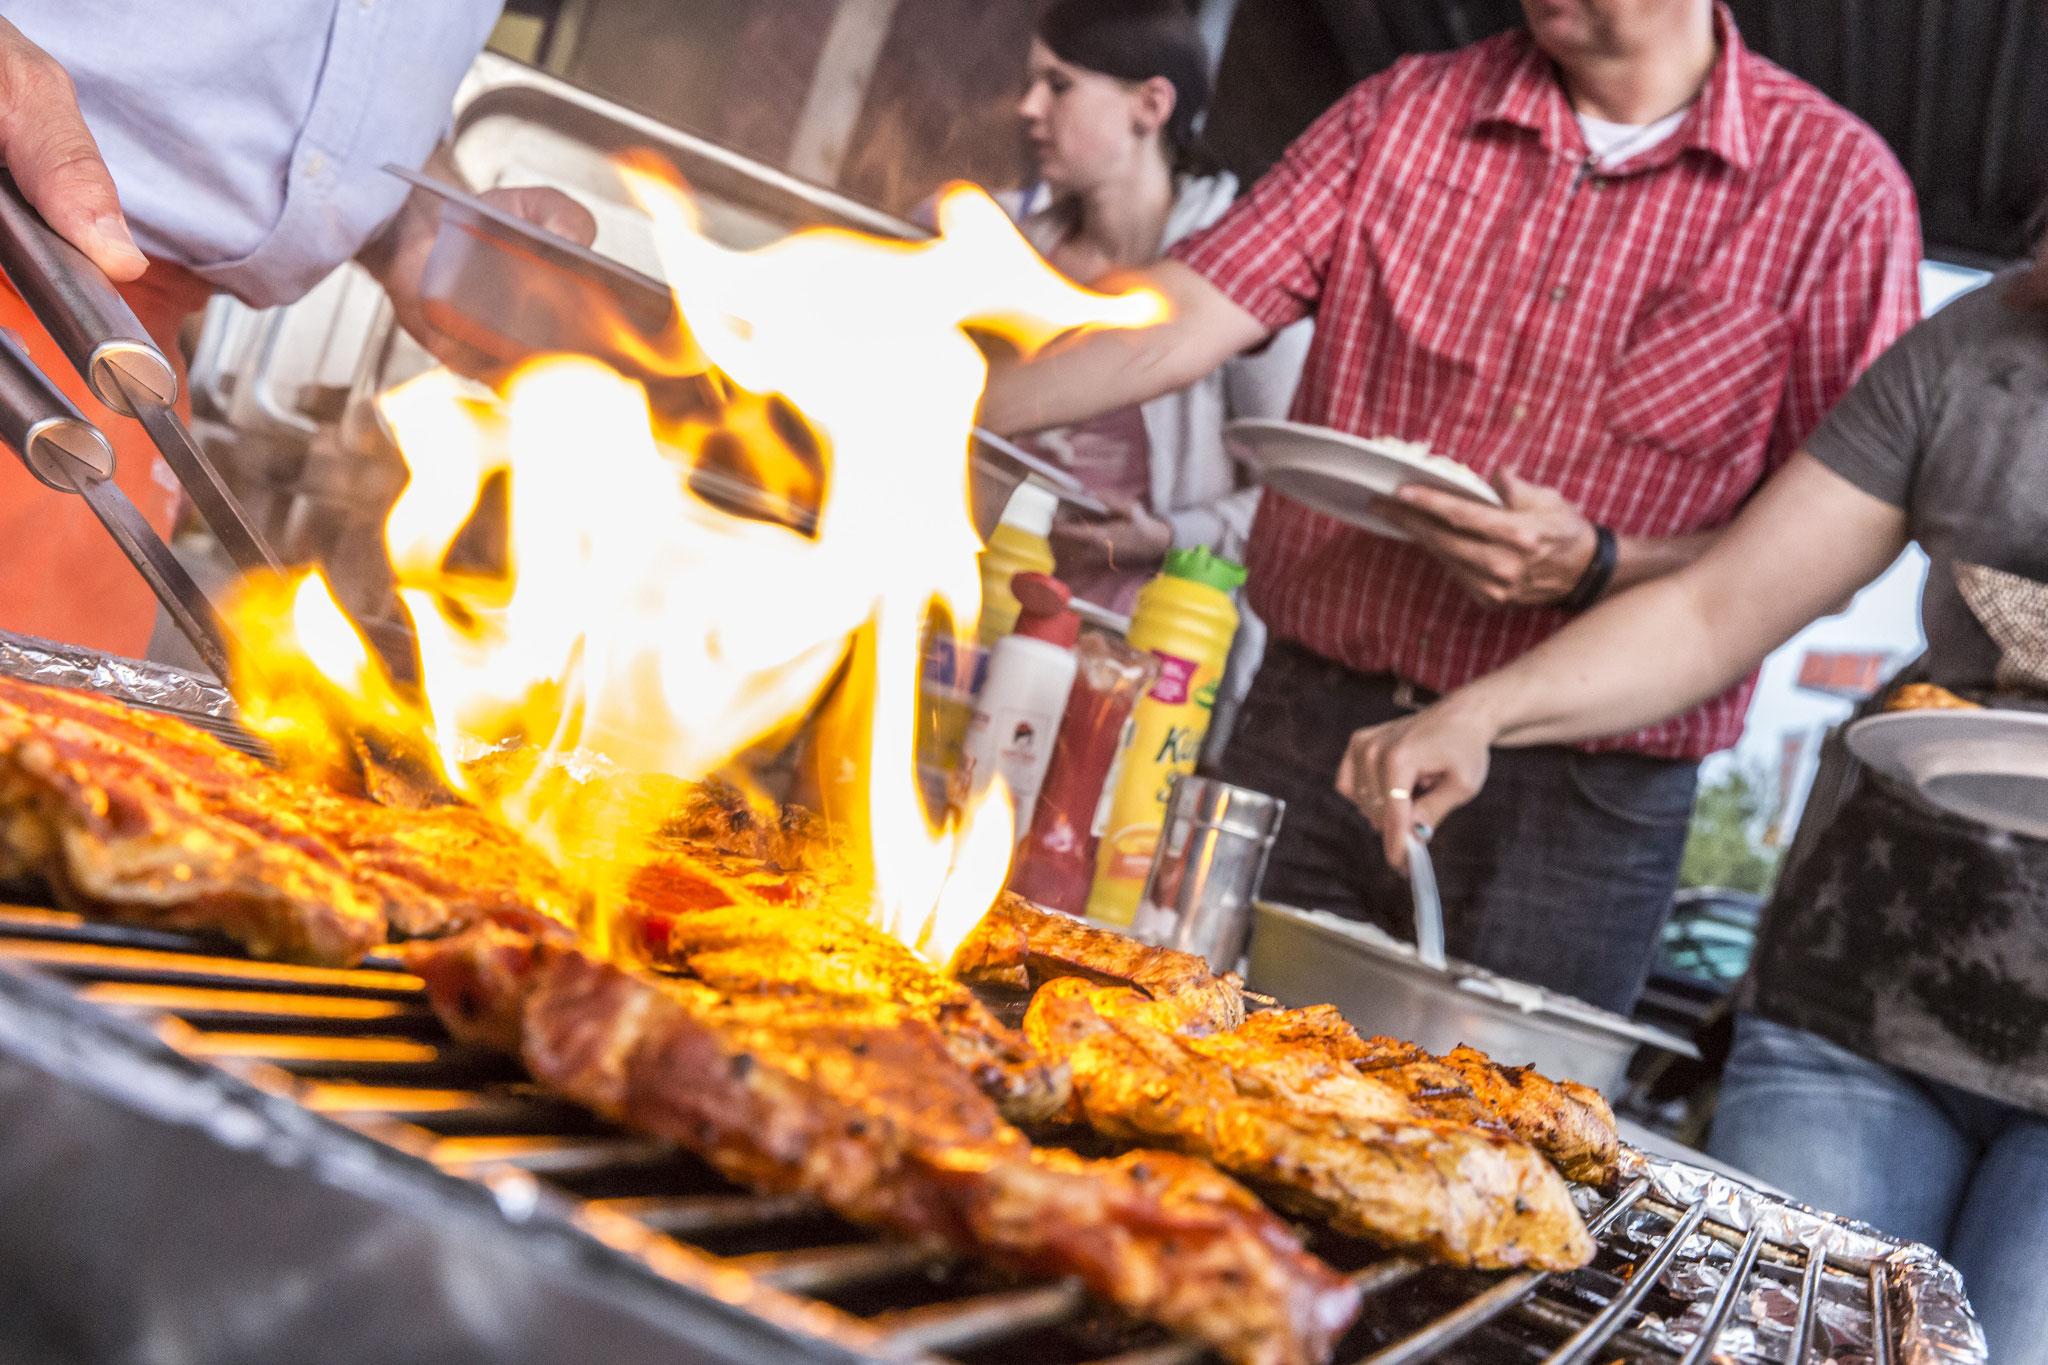 Mit Feuer und Flamme beim Grillen